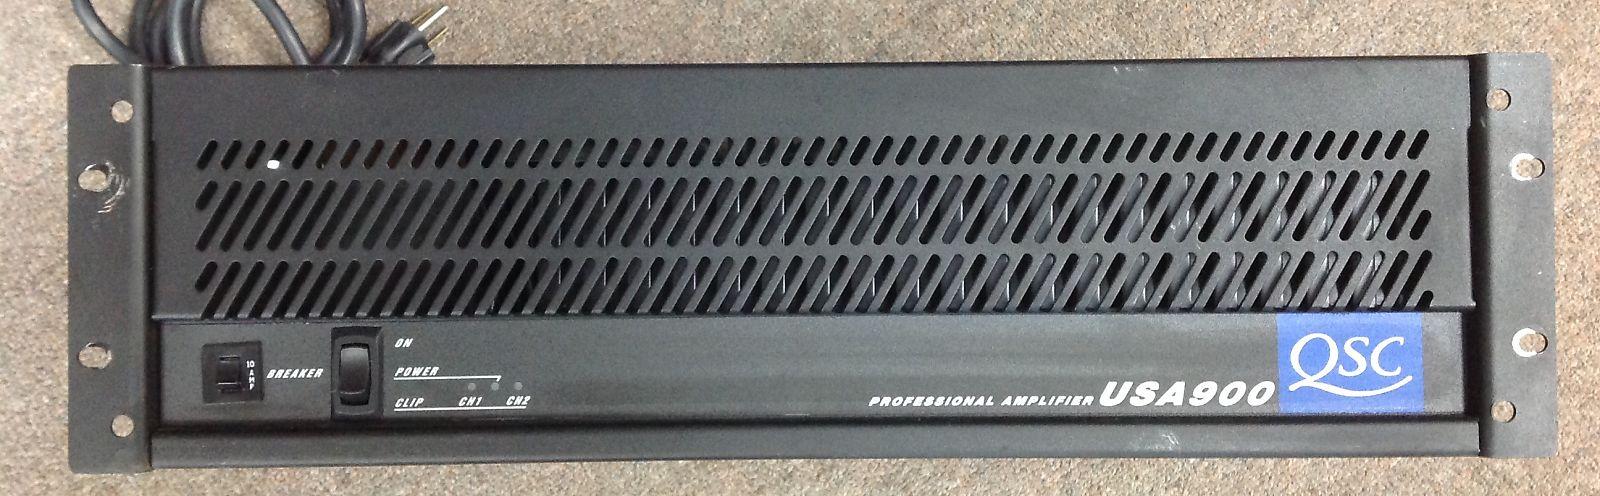 Qsc Usa900 Power Amplifier Amplifiers